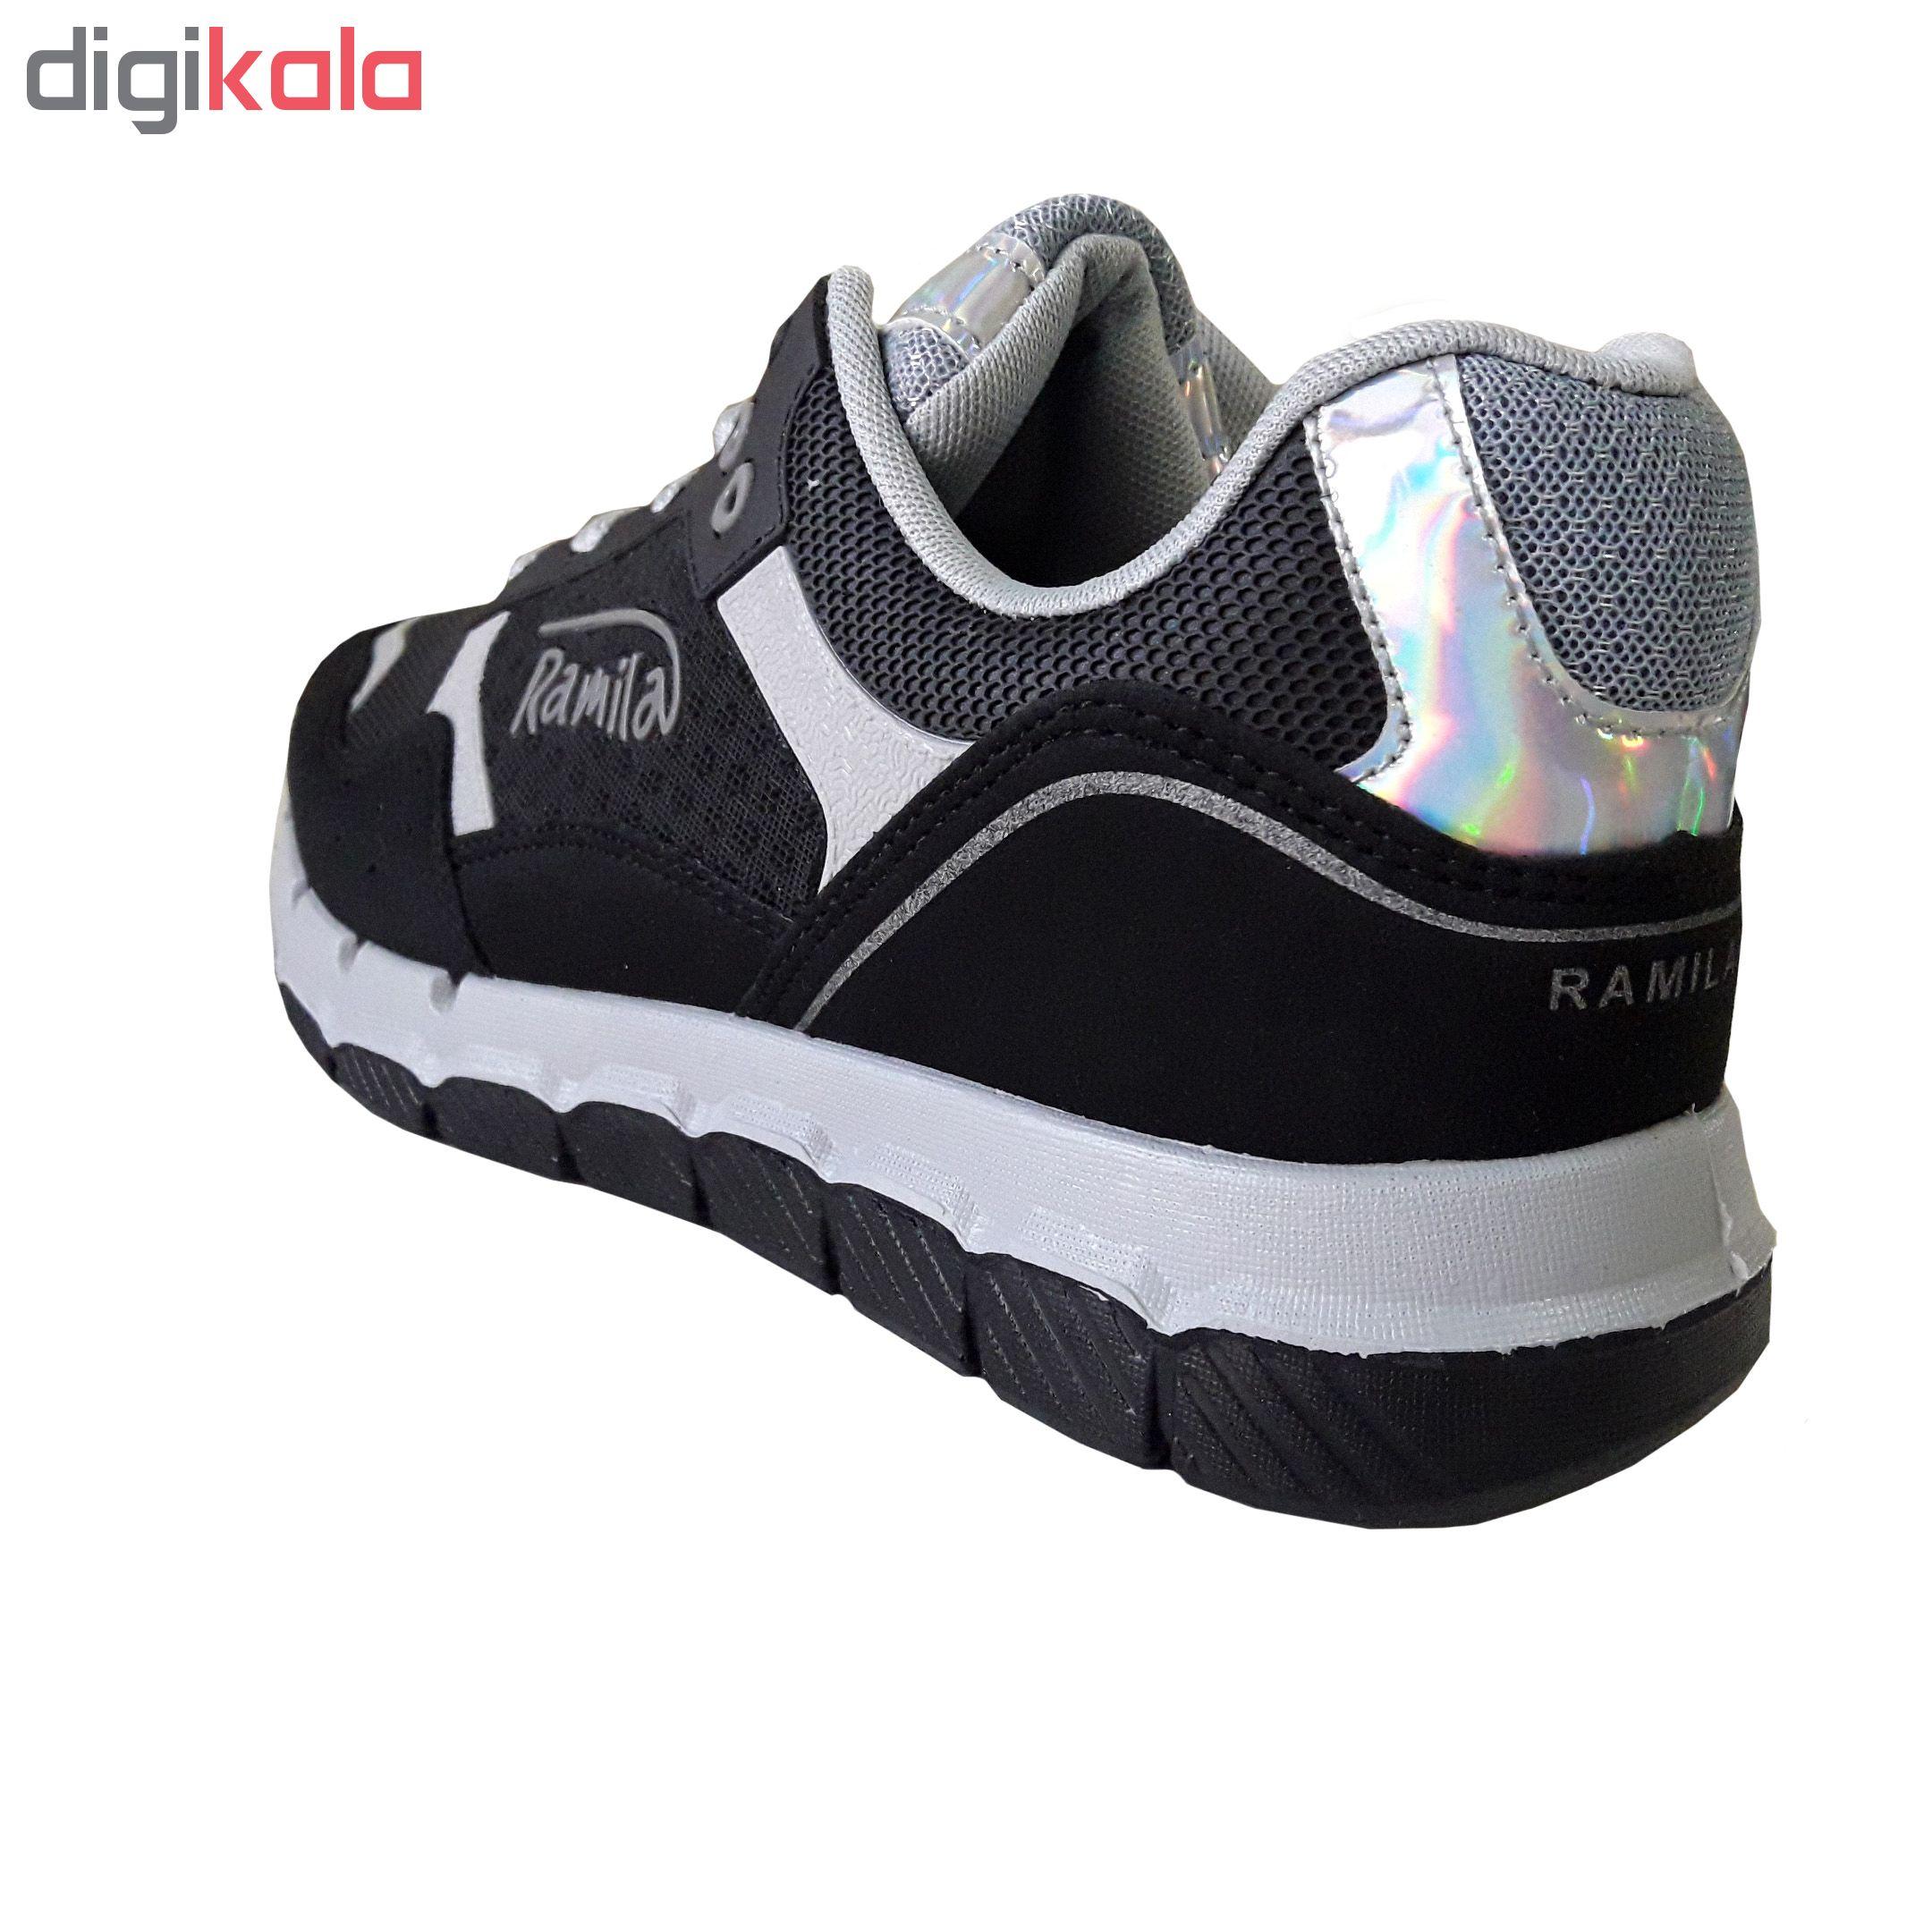 کفش مخصوص پیاده روی زنانه رامیلا کد 221